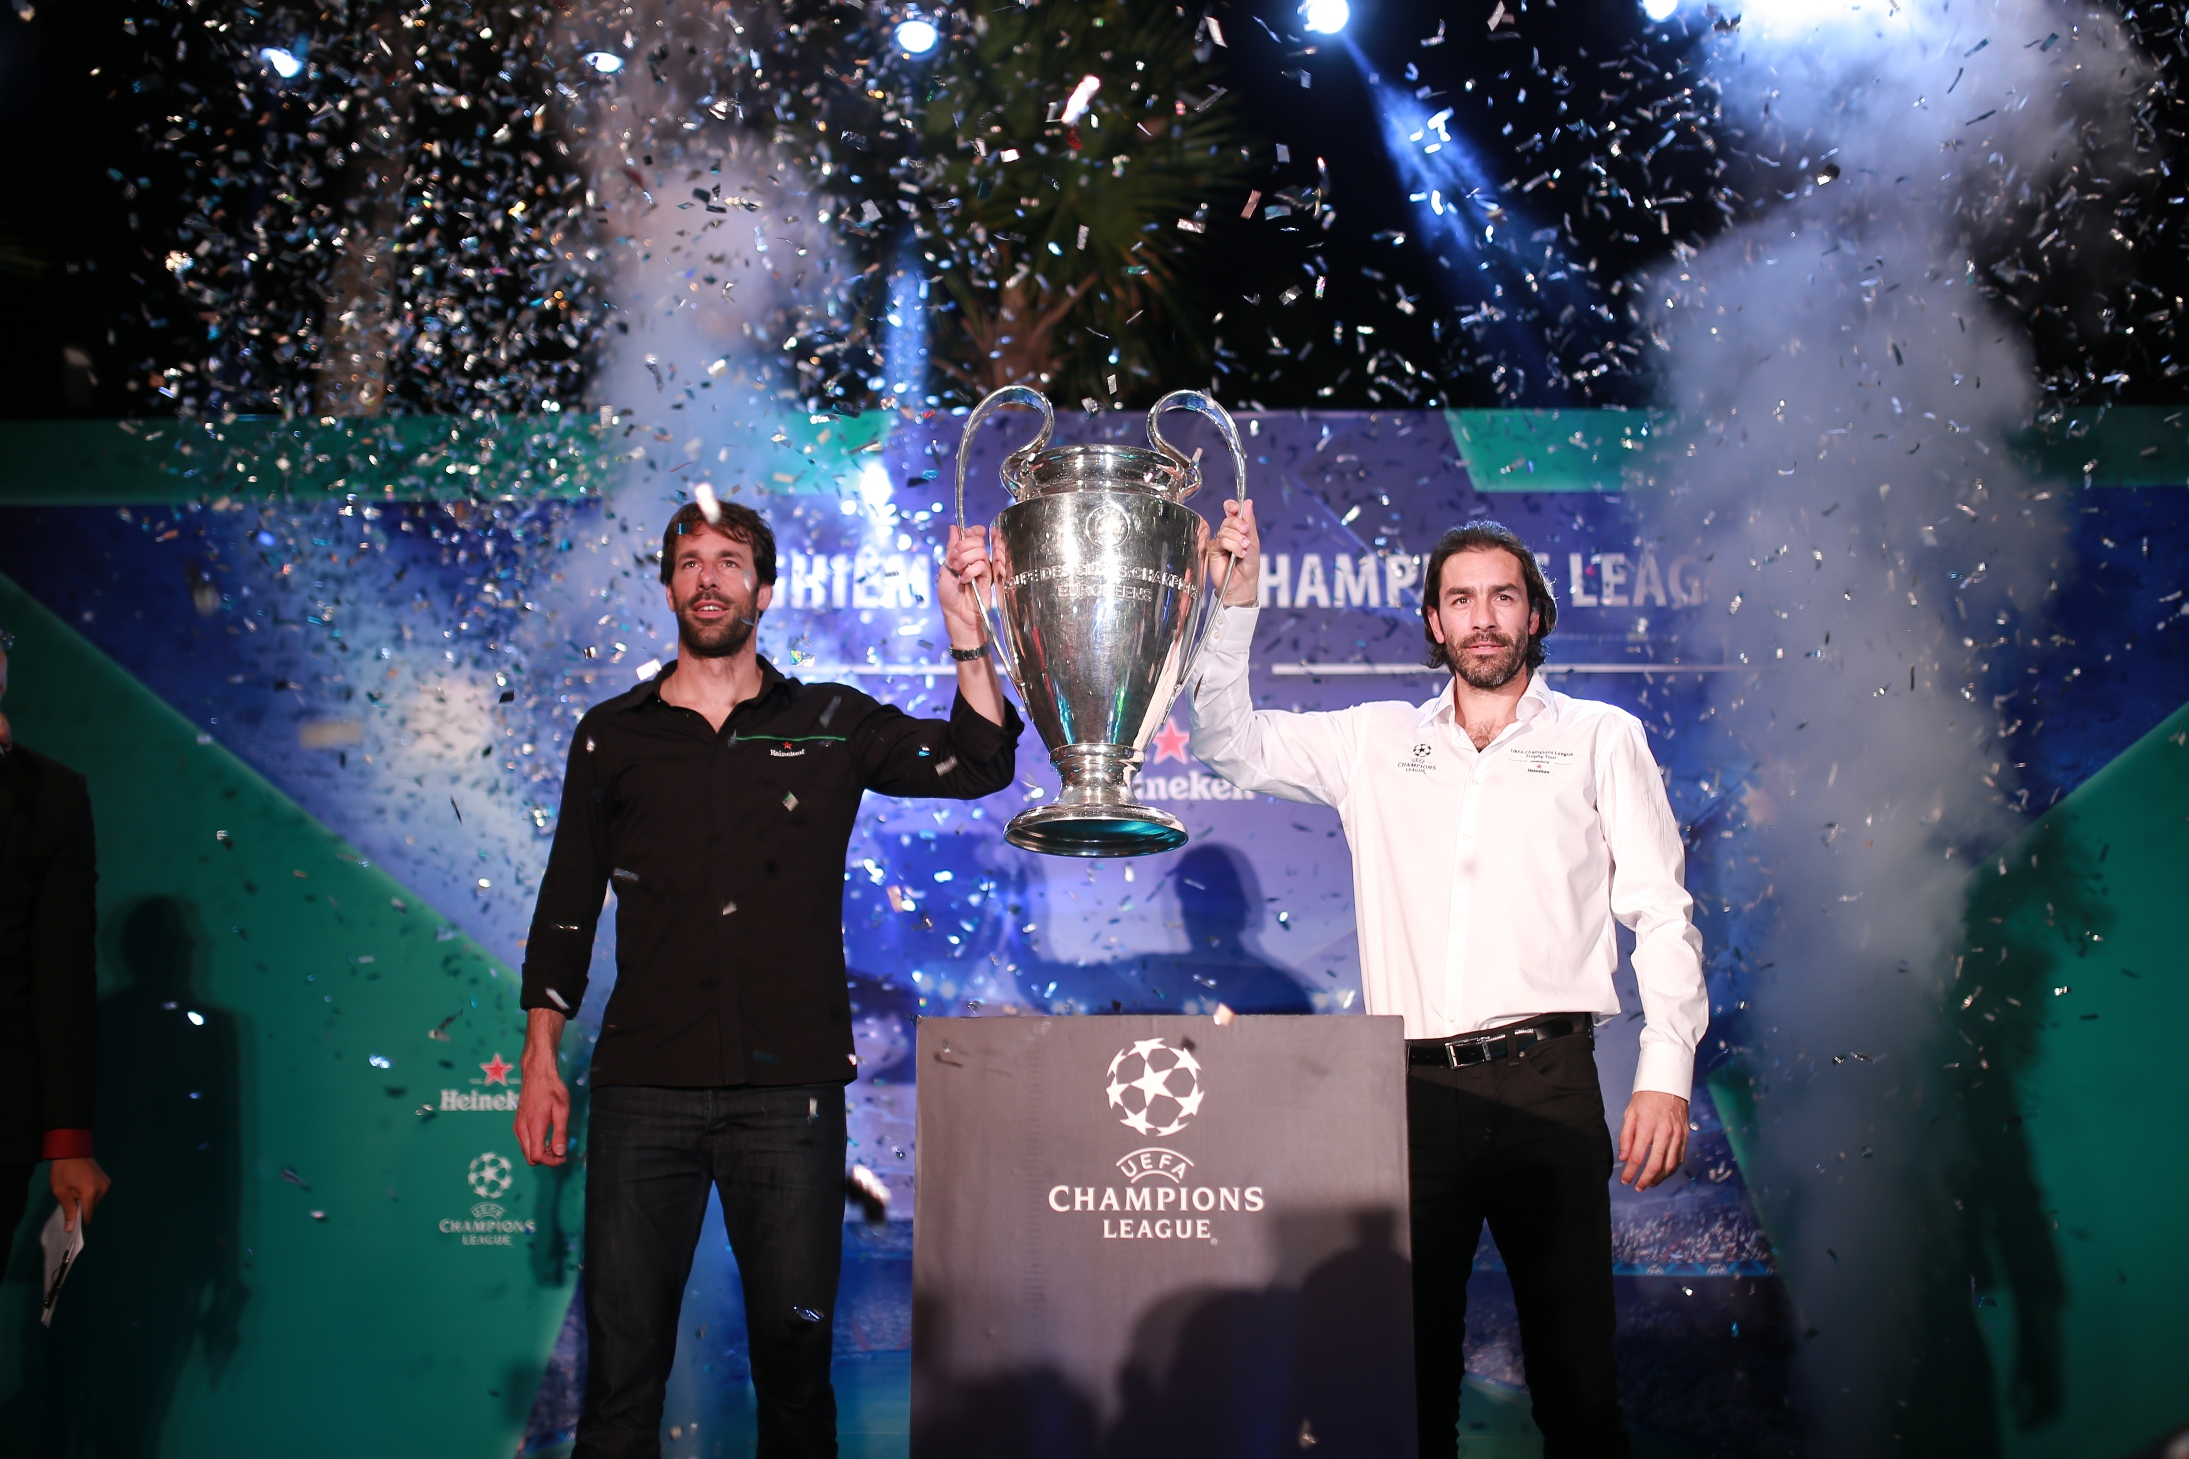 Lần đầu trải nghiệm Cúp UEFA Champions League tại Việt Nam